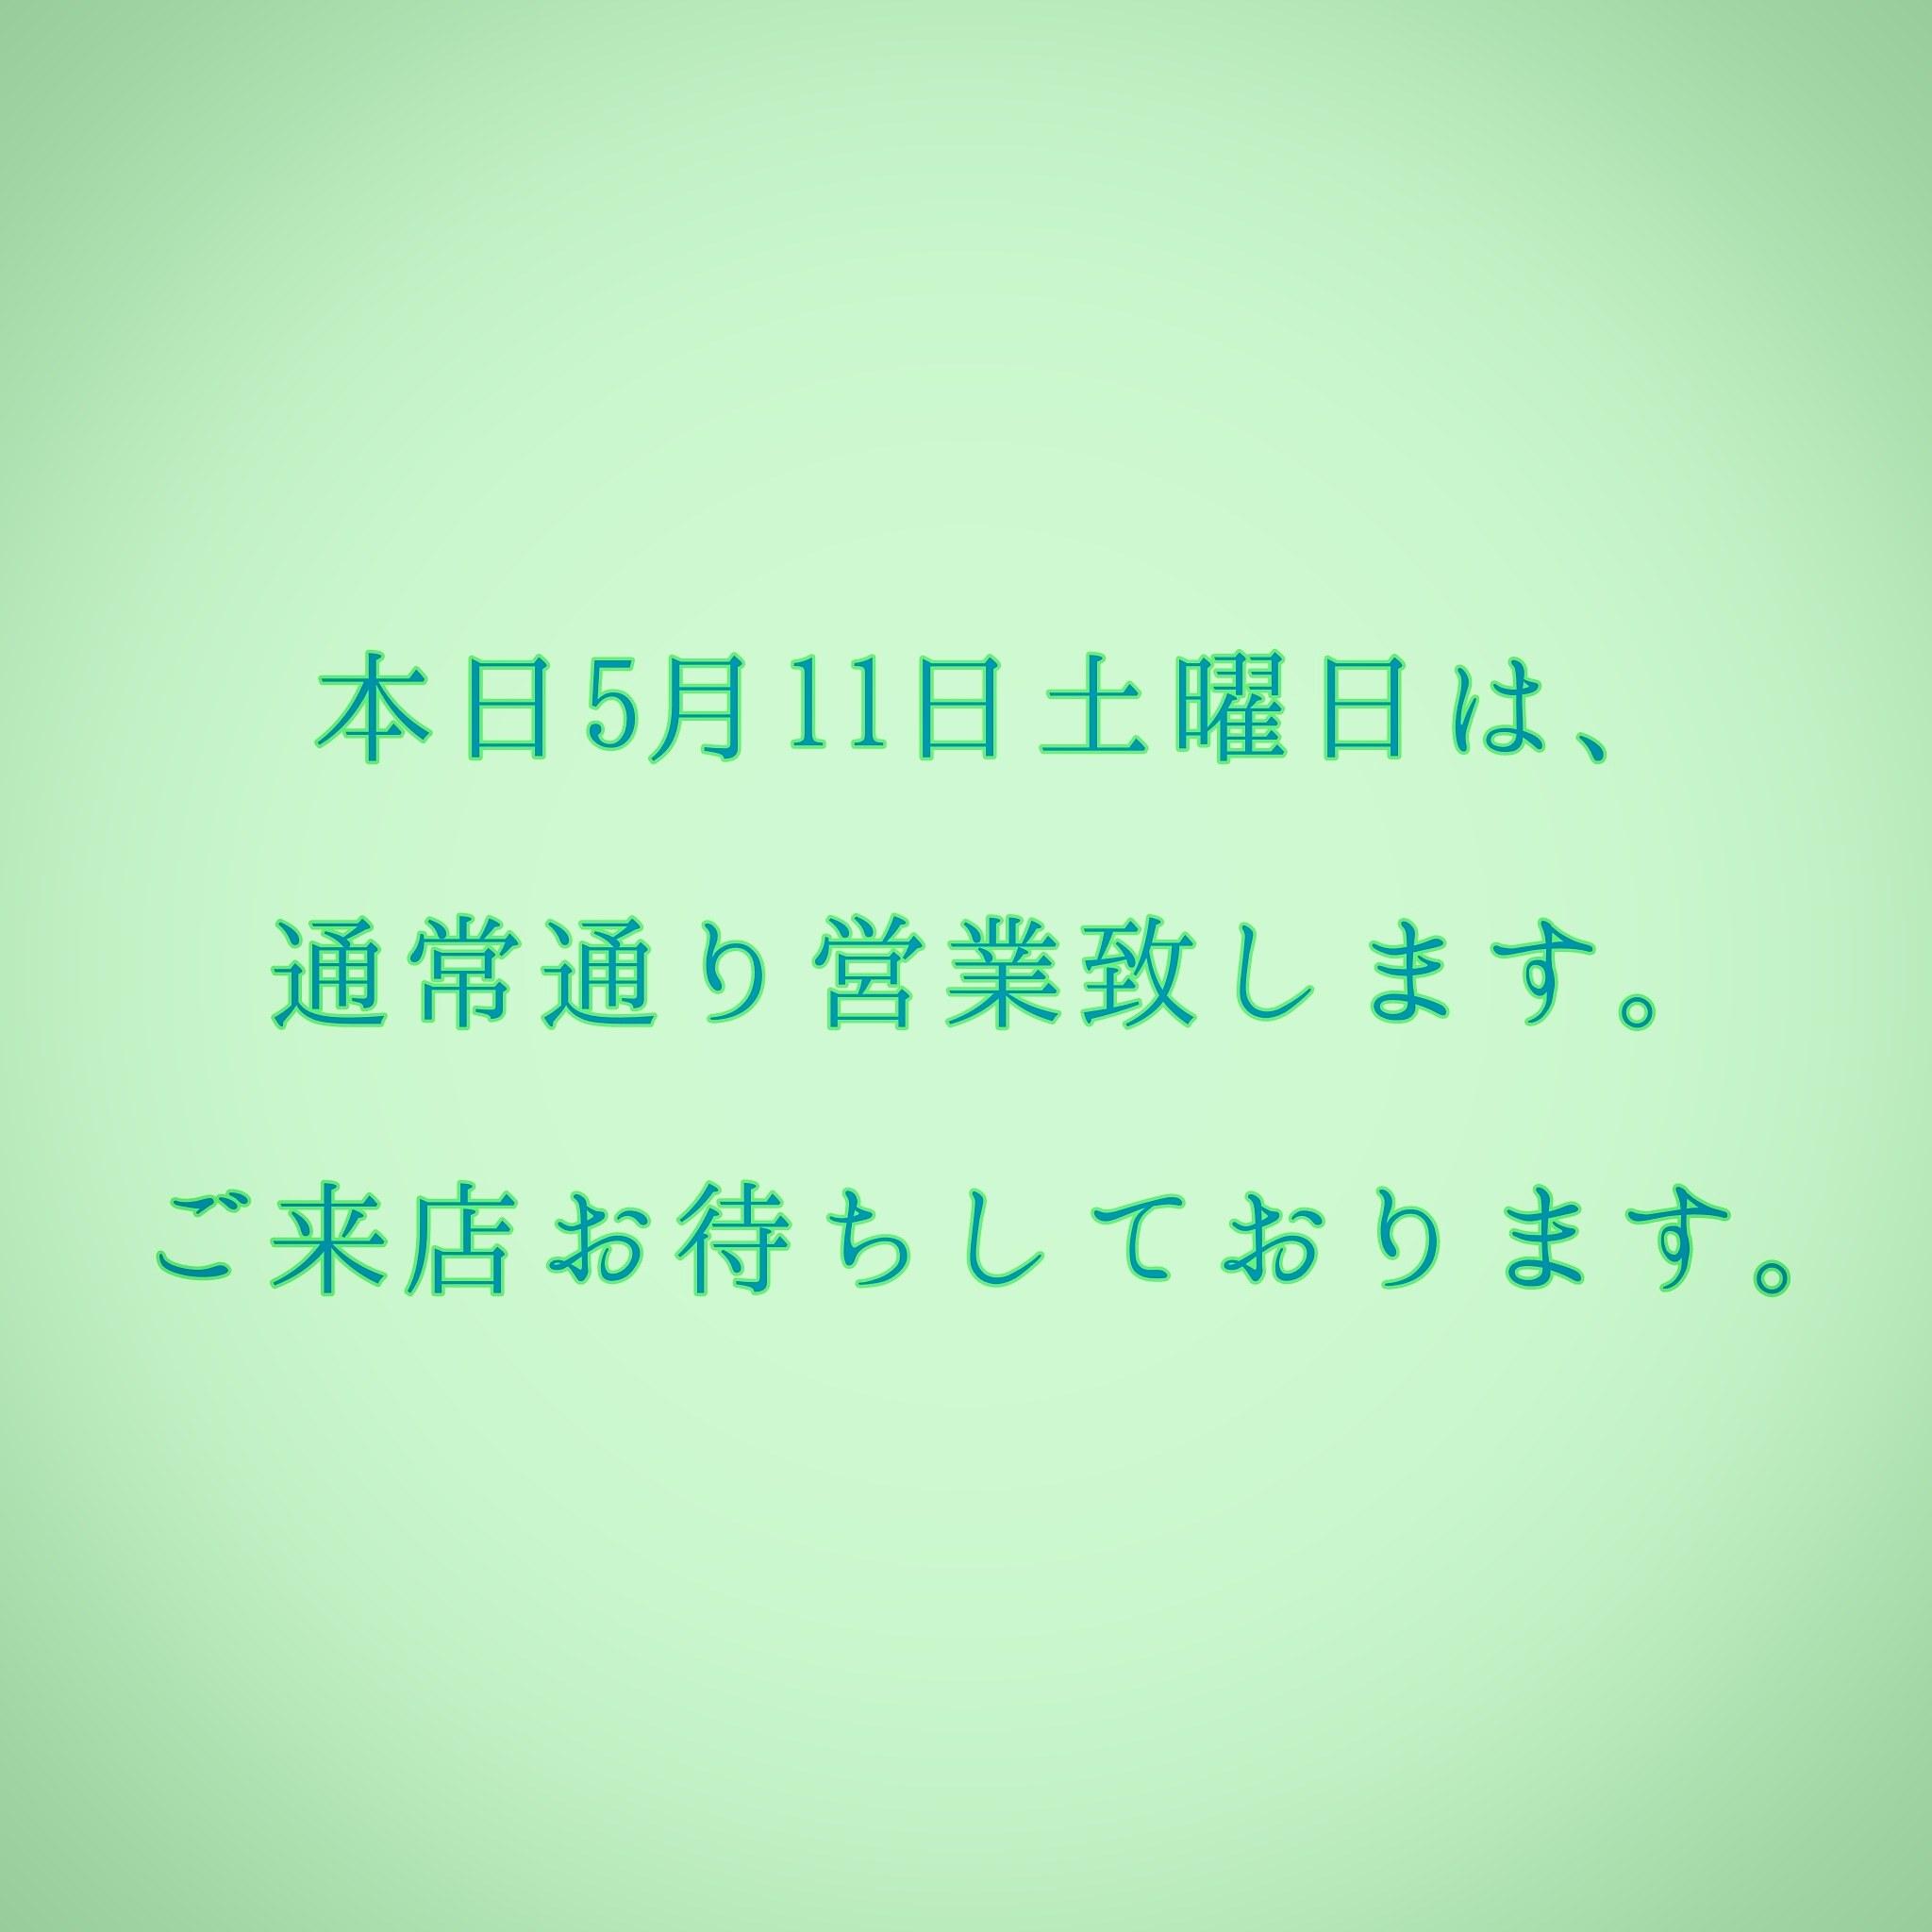 お知らせ_c0127428_09043876.jpg